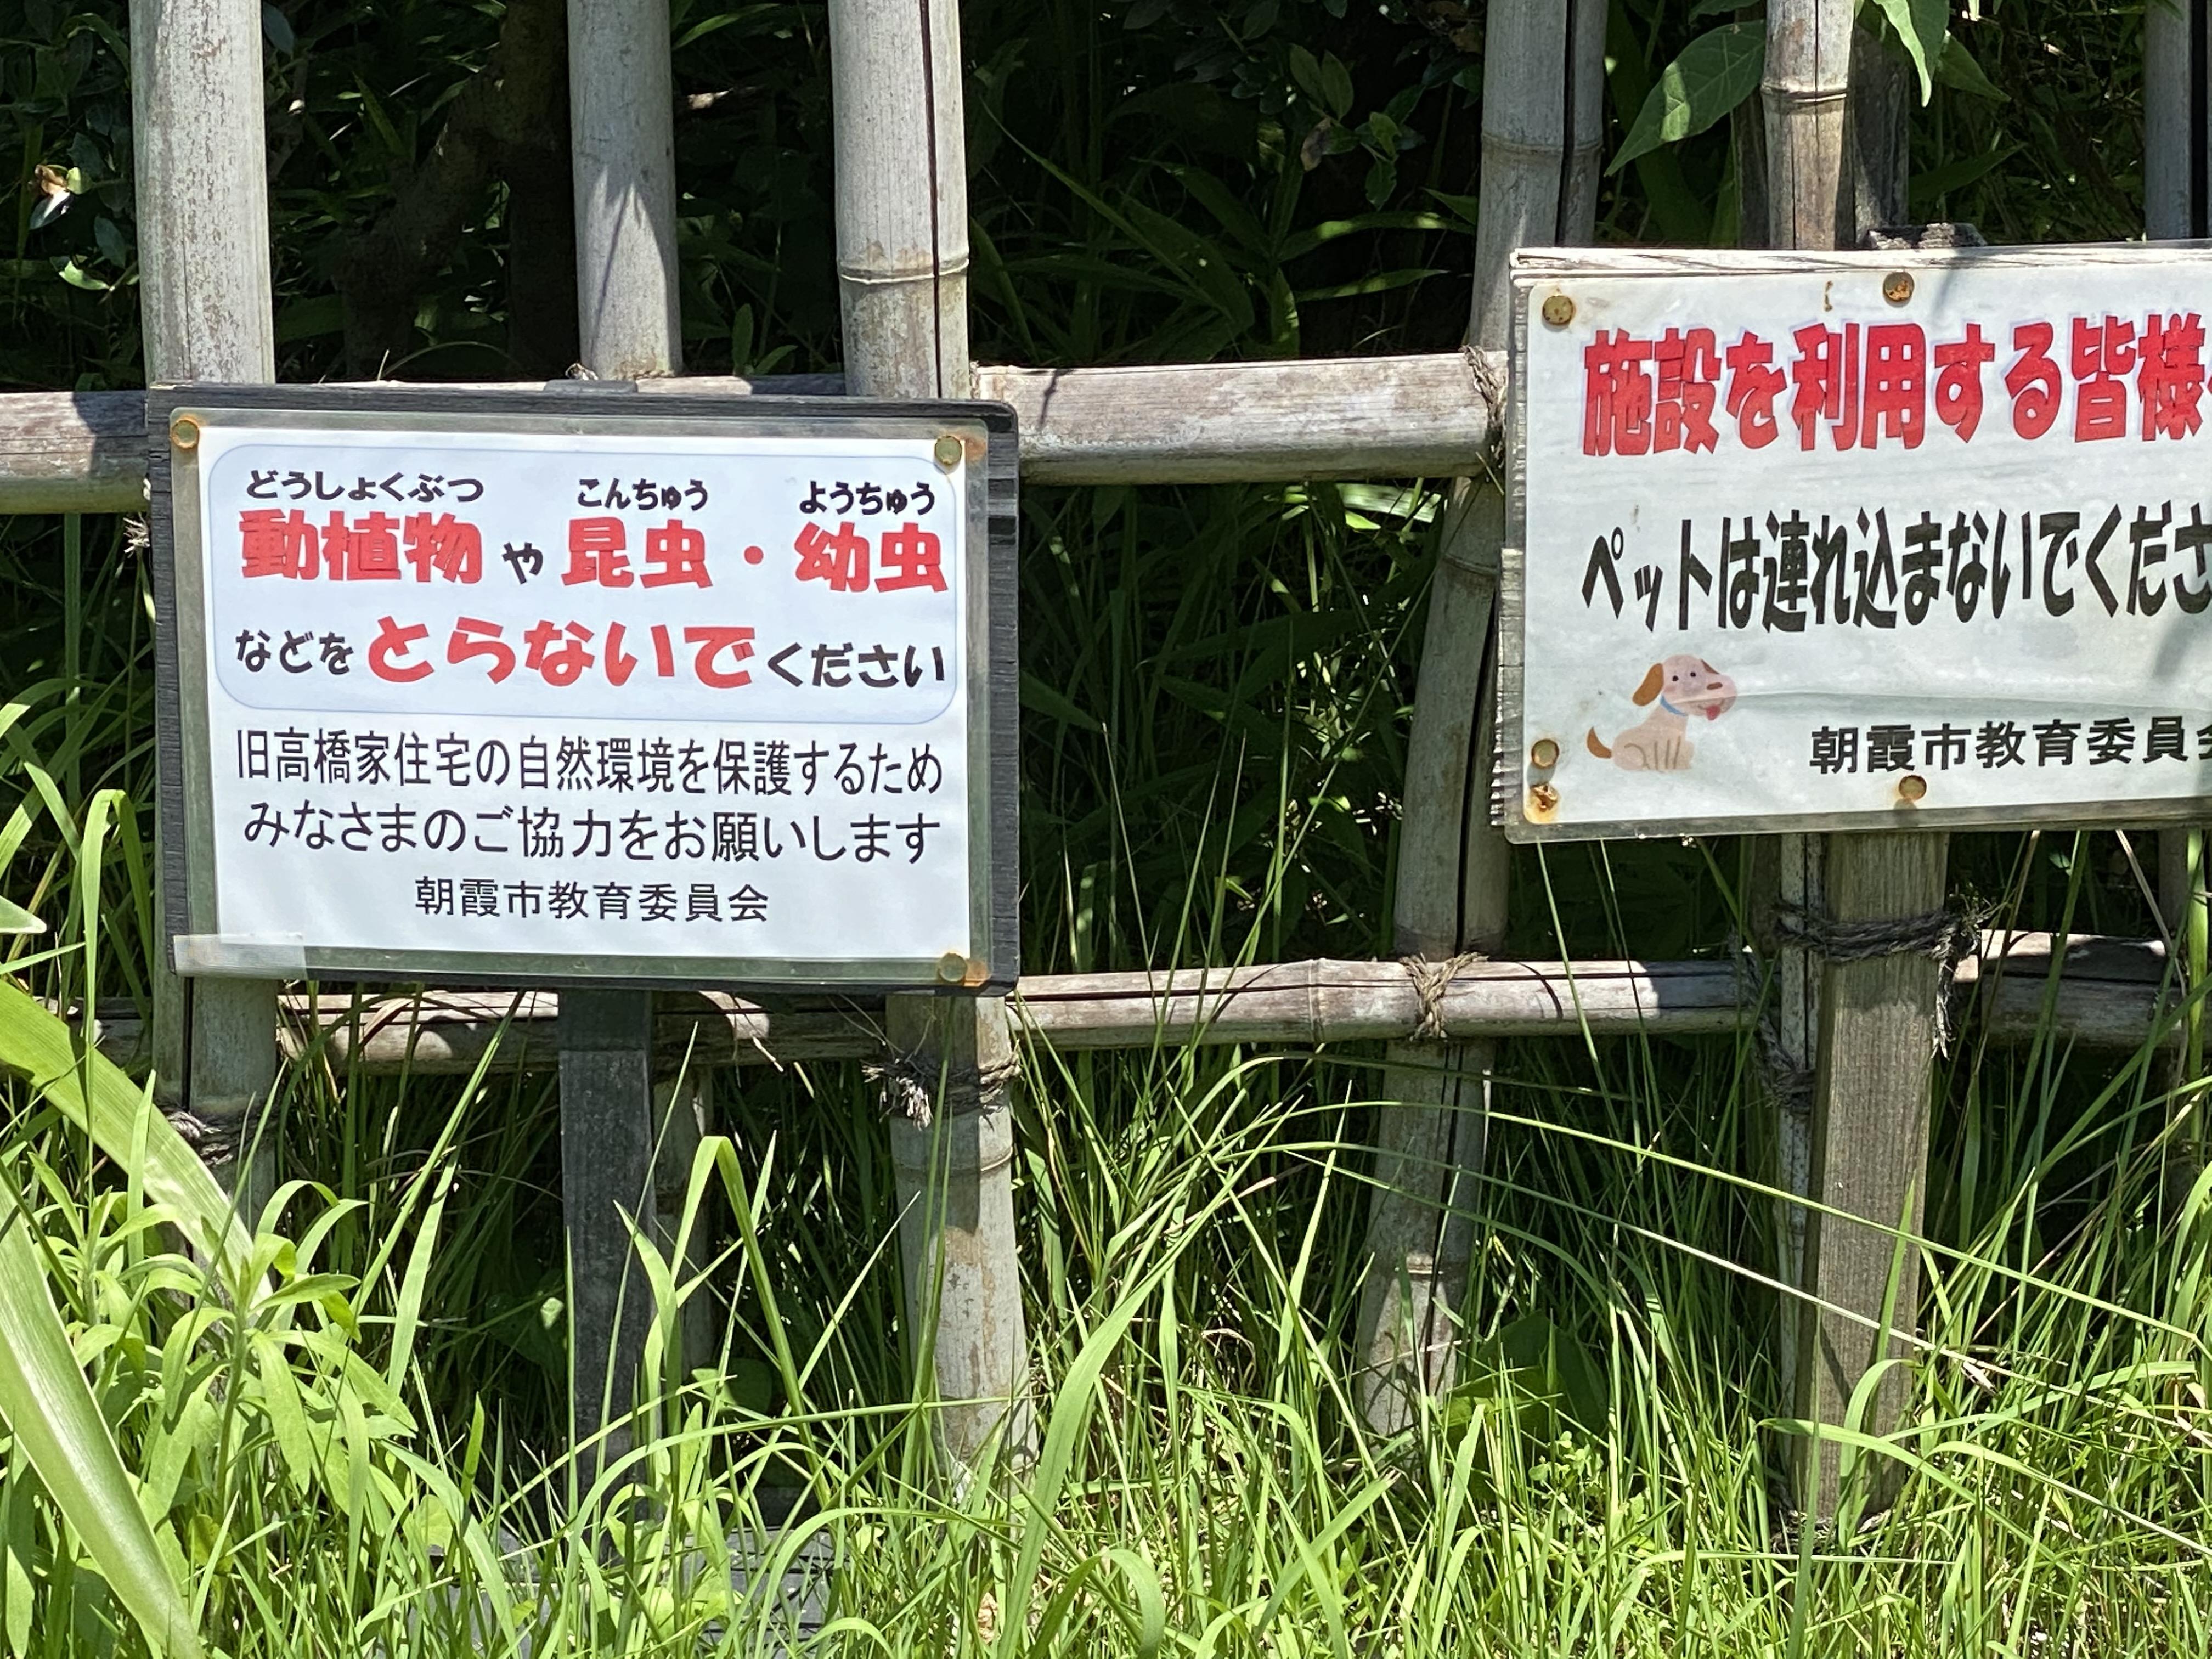 動植物や昆虫・幼虫などをとらないでください